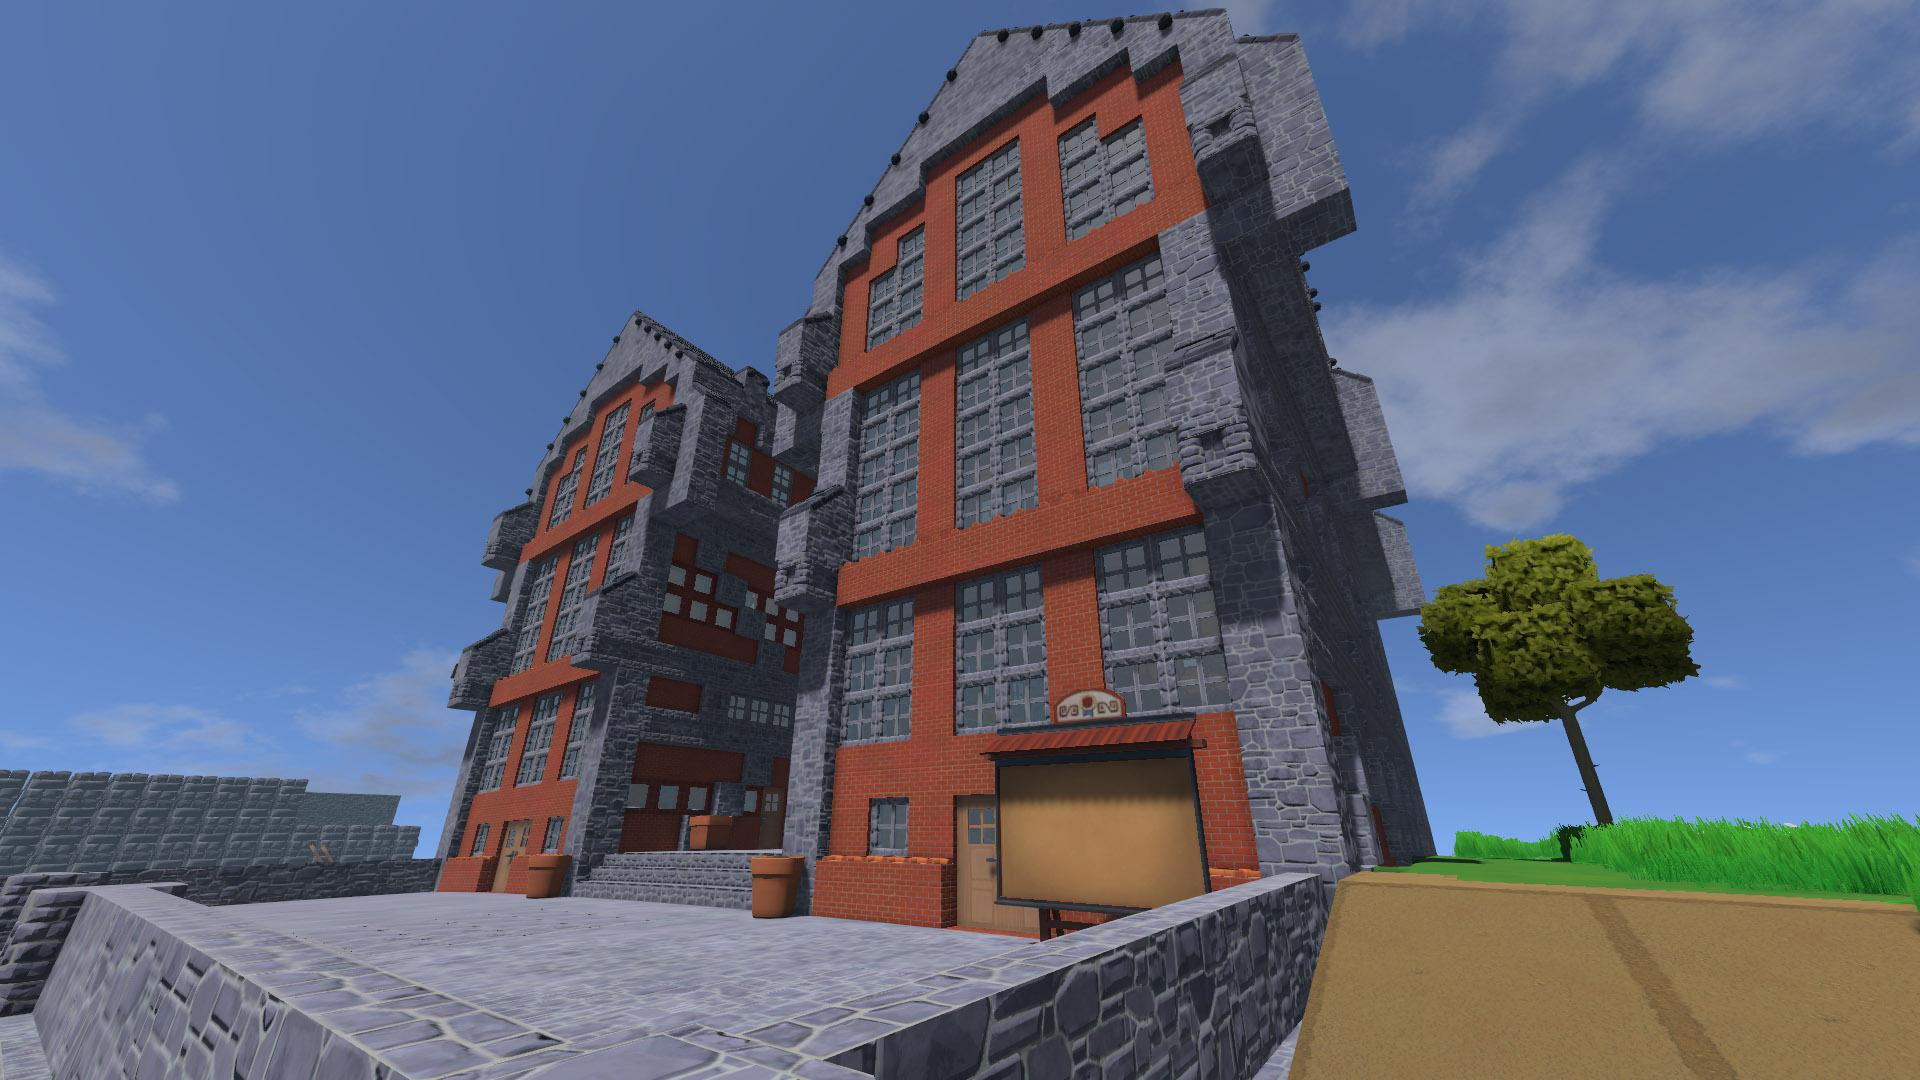 Le bâtiment industriel collectif, symbole de la puissance communiste.